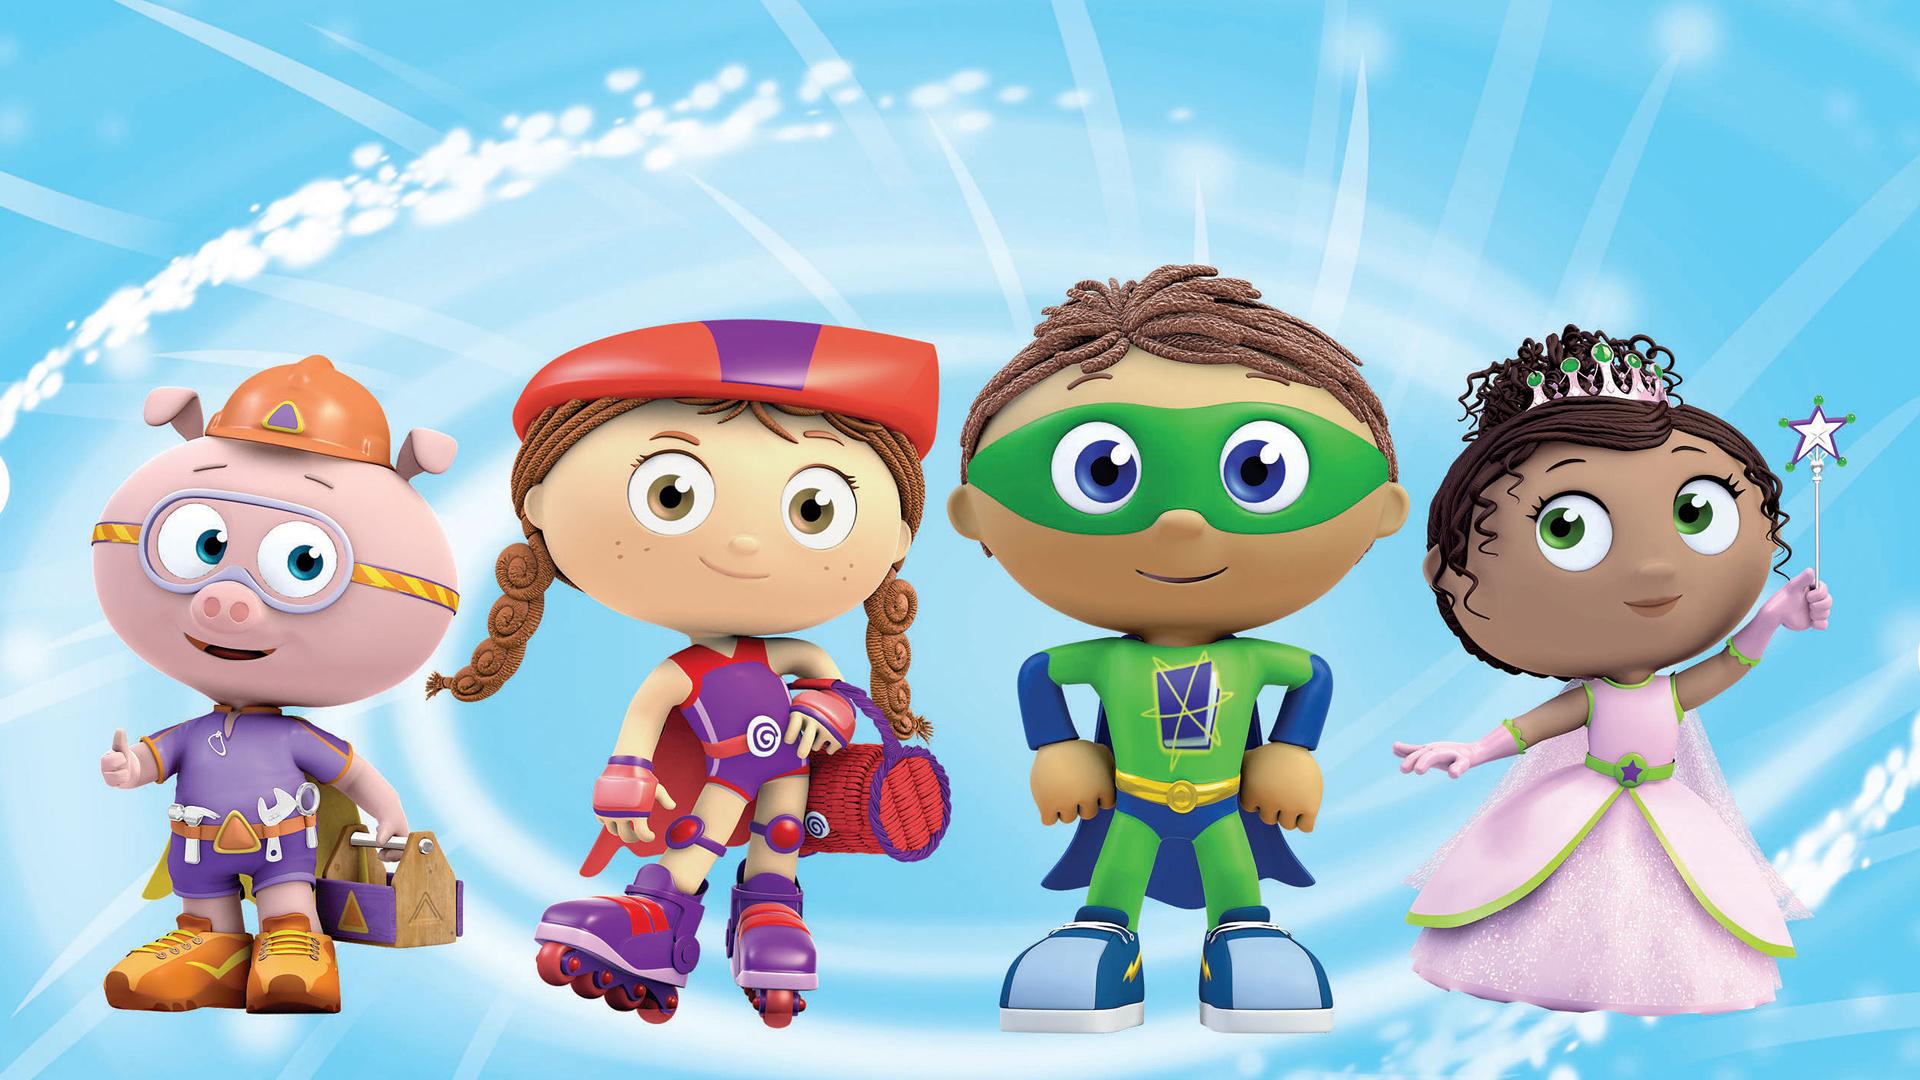 По содержанию — это очень добрый мультфильм, который учит детей ценить настоящих друзей, работать в команде и эффективно находить решения.